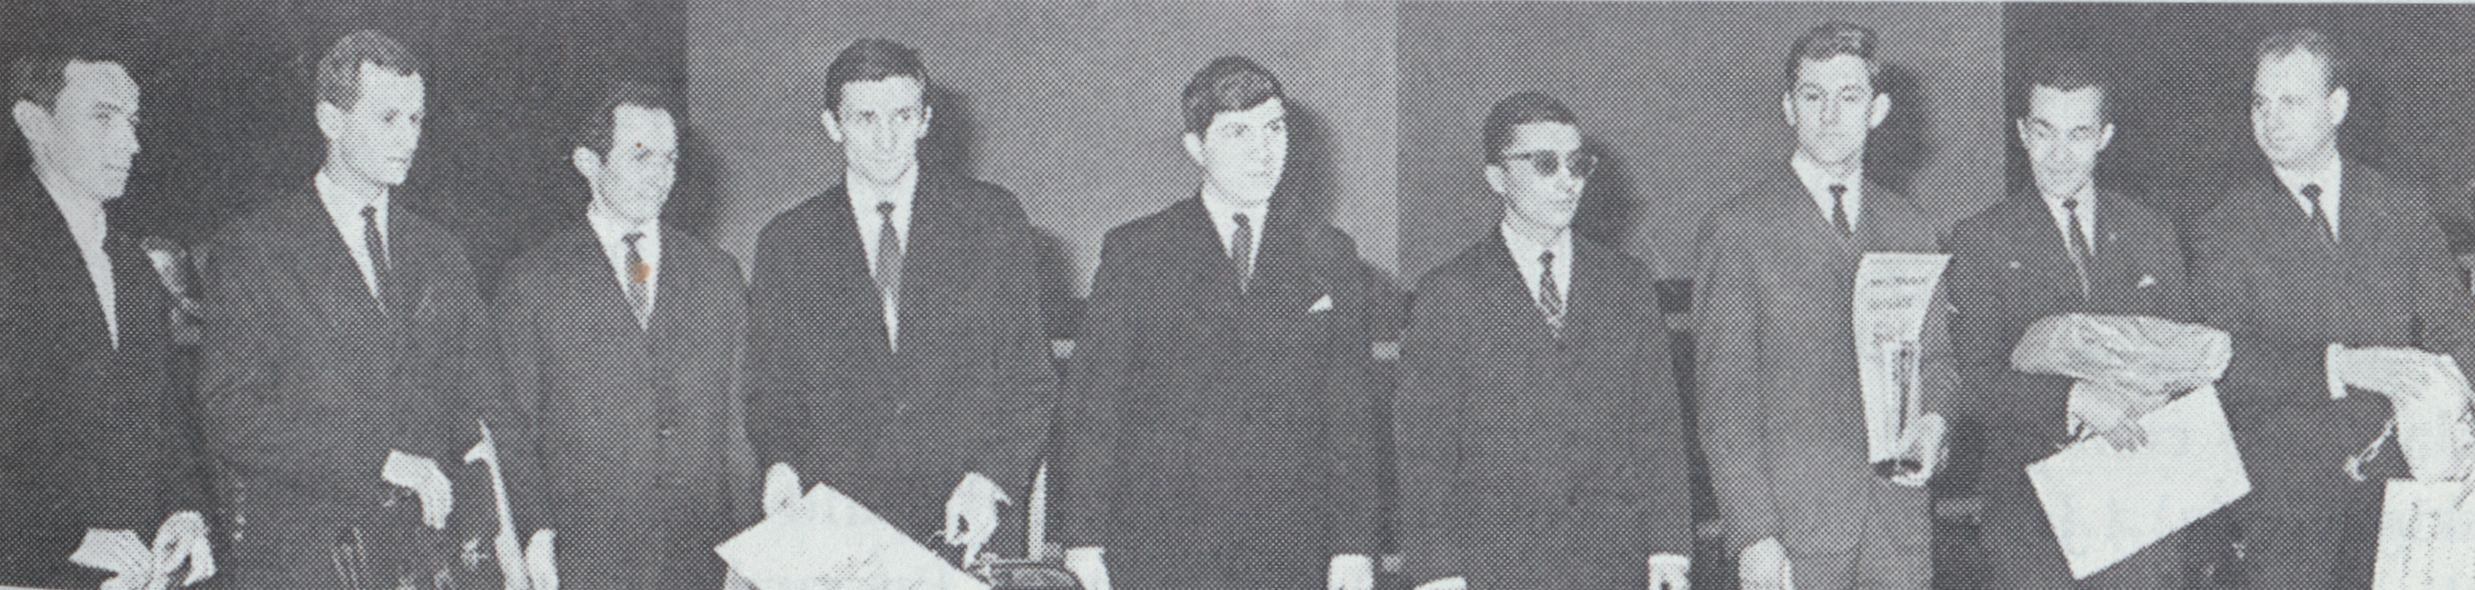 Plebiscyt na najlepszego sportowca Lubelszczyzny z 1965 r.